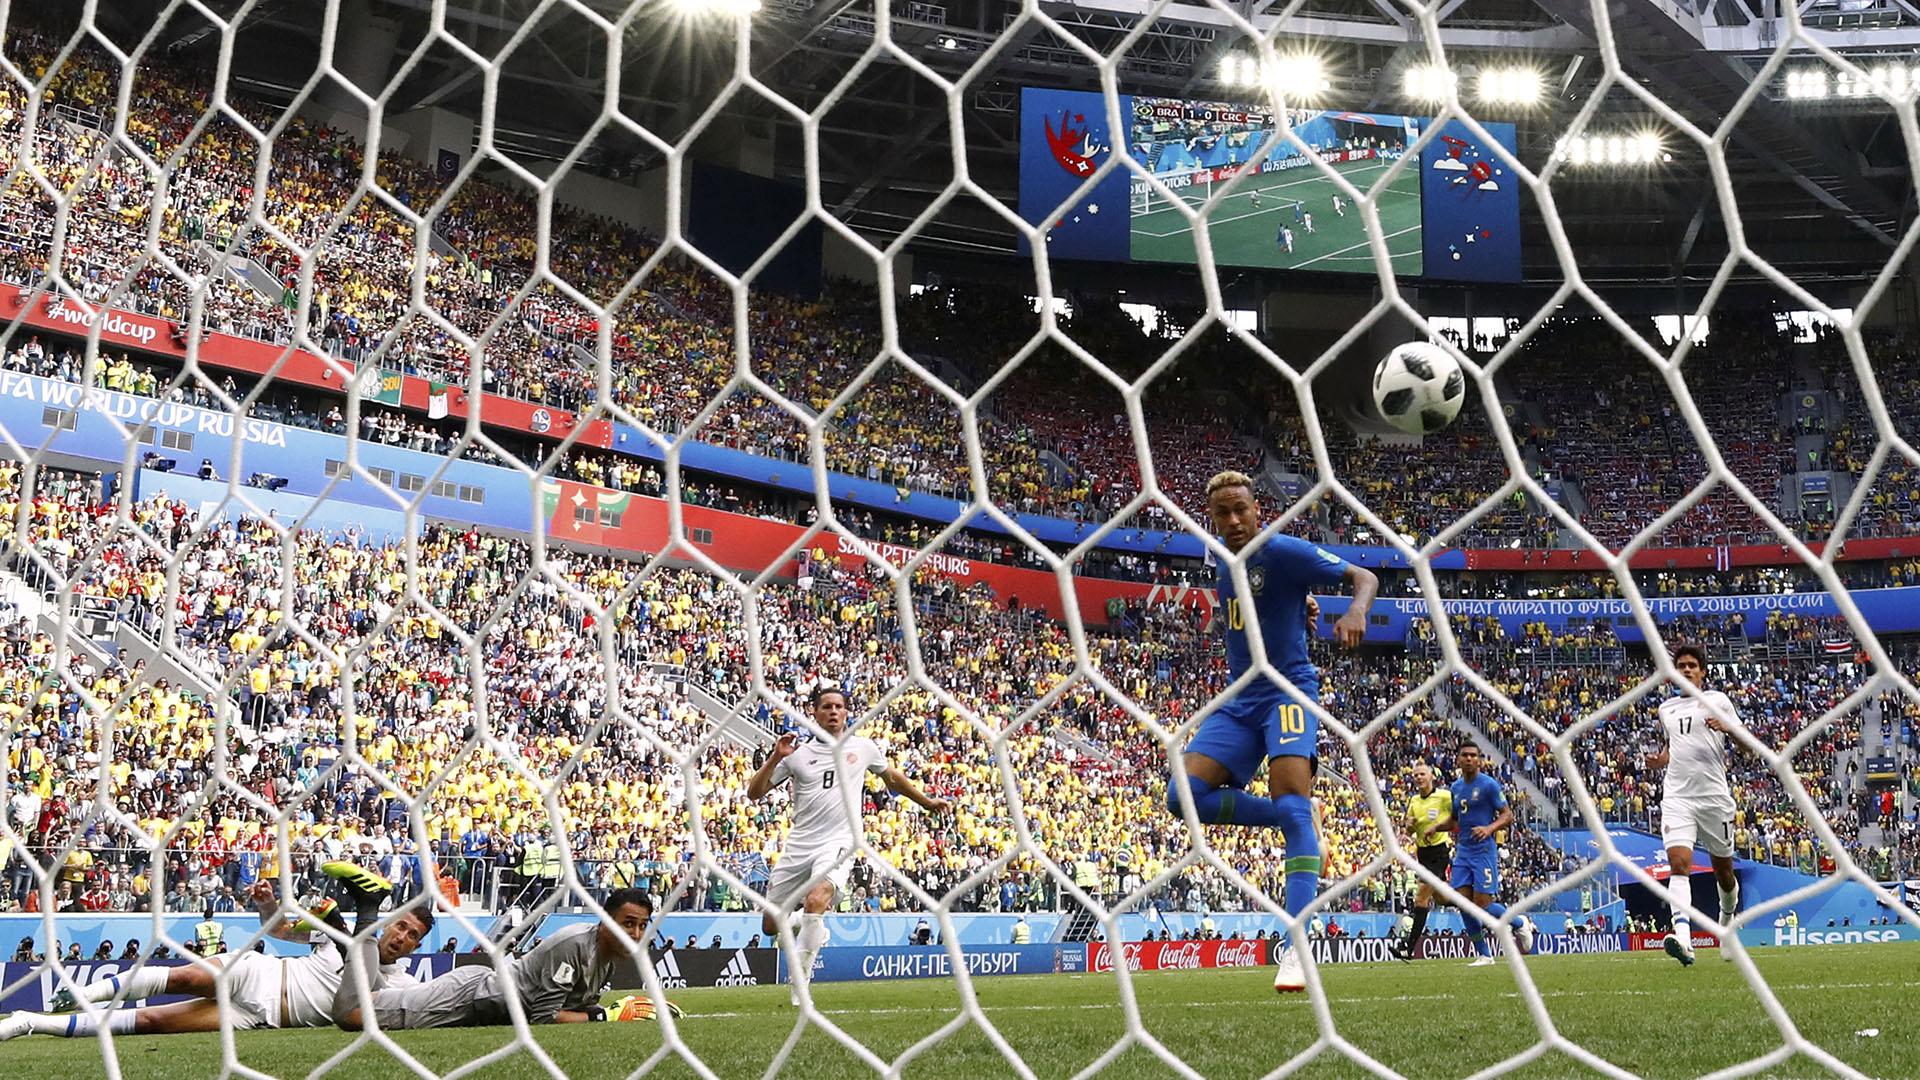 El brasileño logró abrir su cuenta goleadora